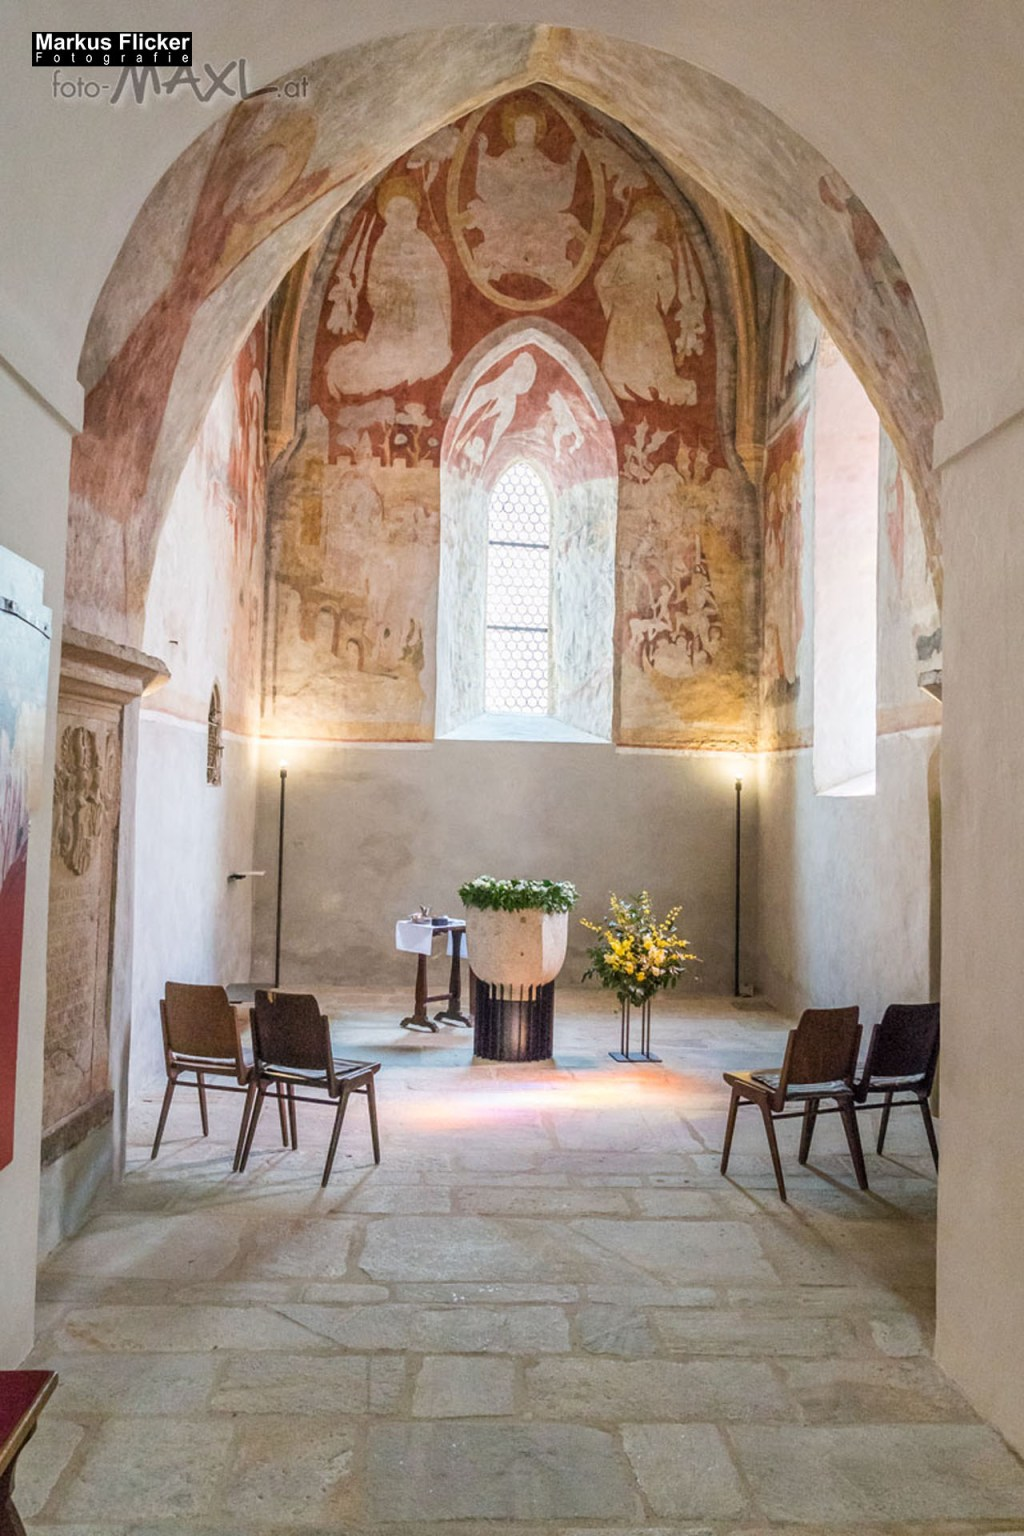 Pfarrkirche Anger mit Taufbecken